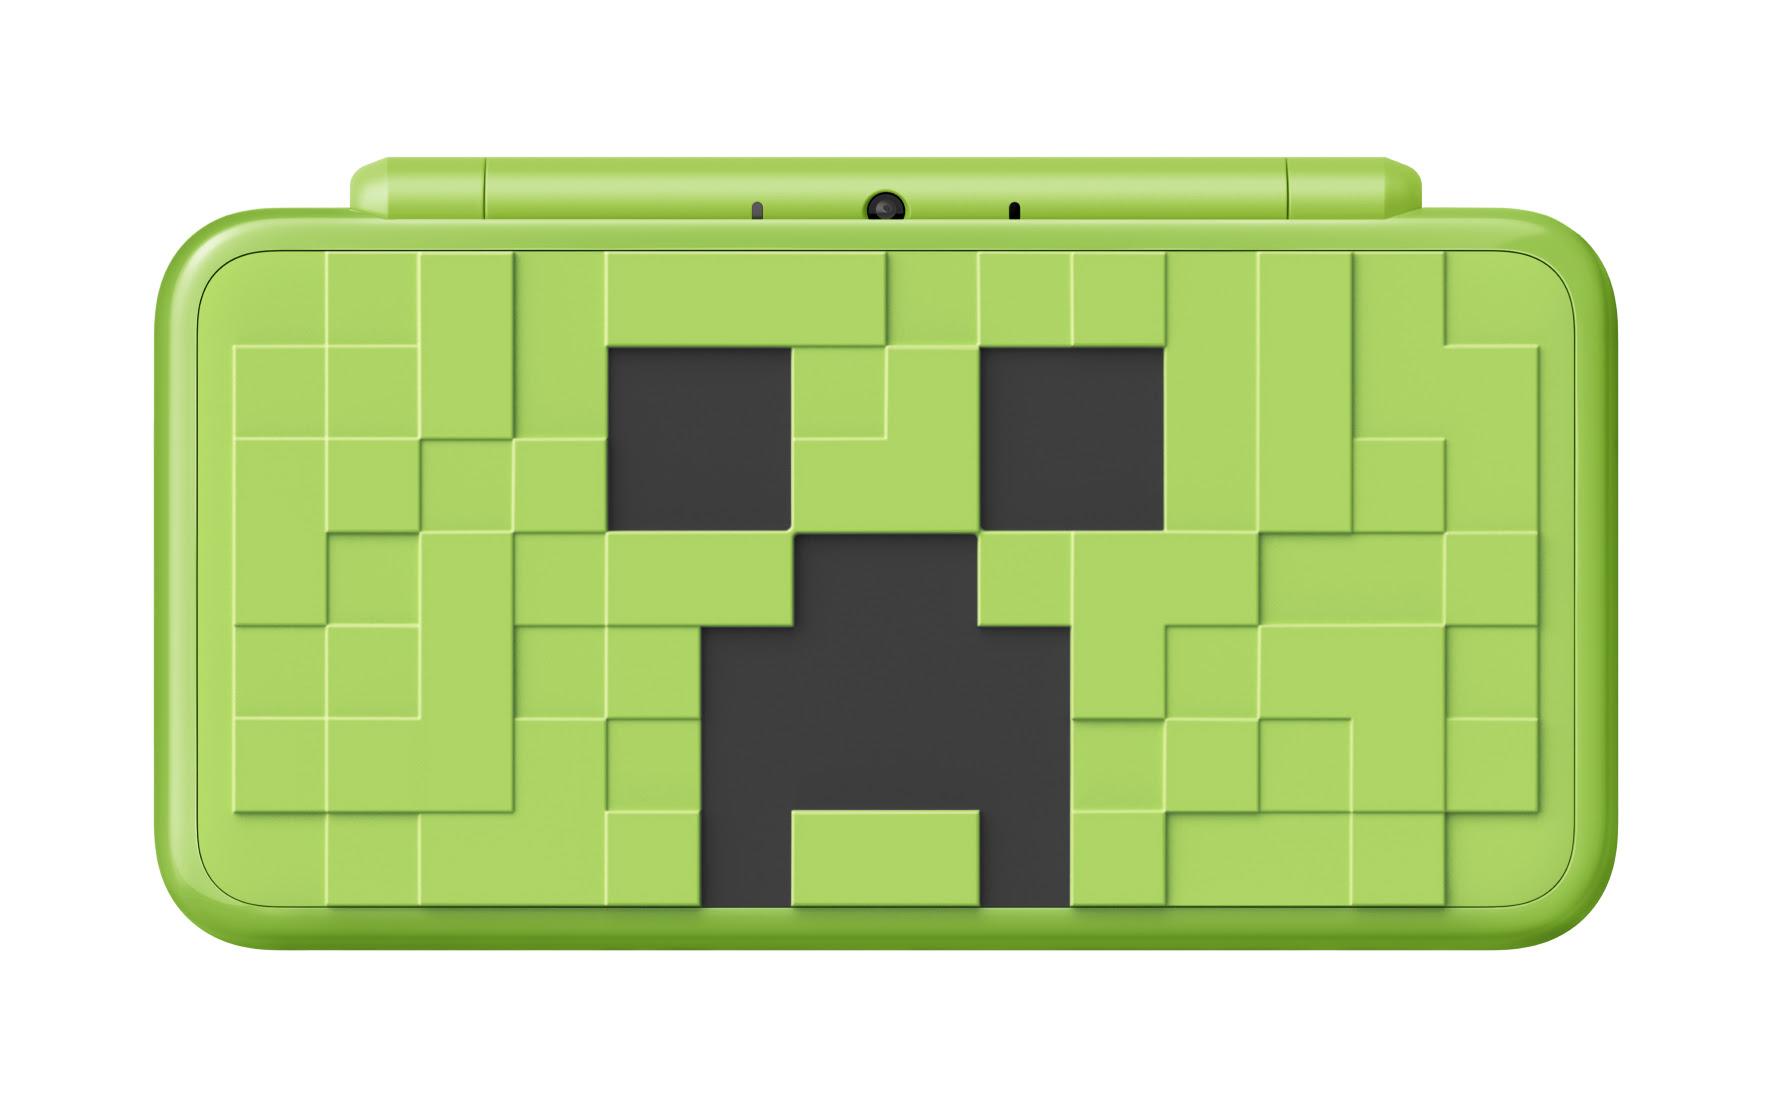 Nintendo presenta nueva New Nintendo 2DS XL basada en Minecraft